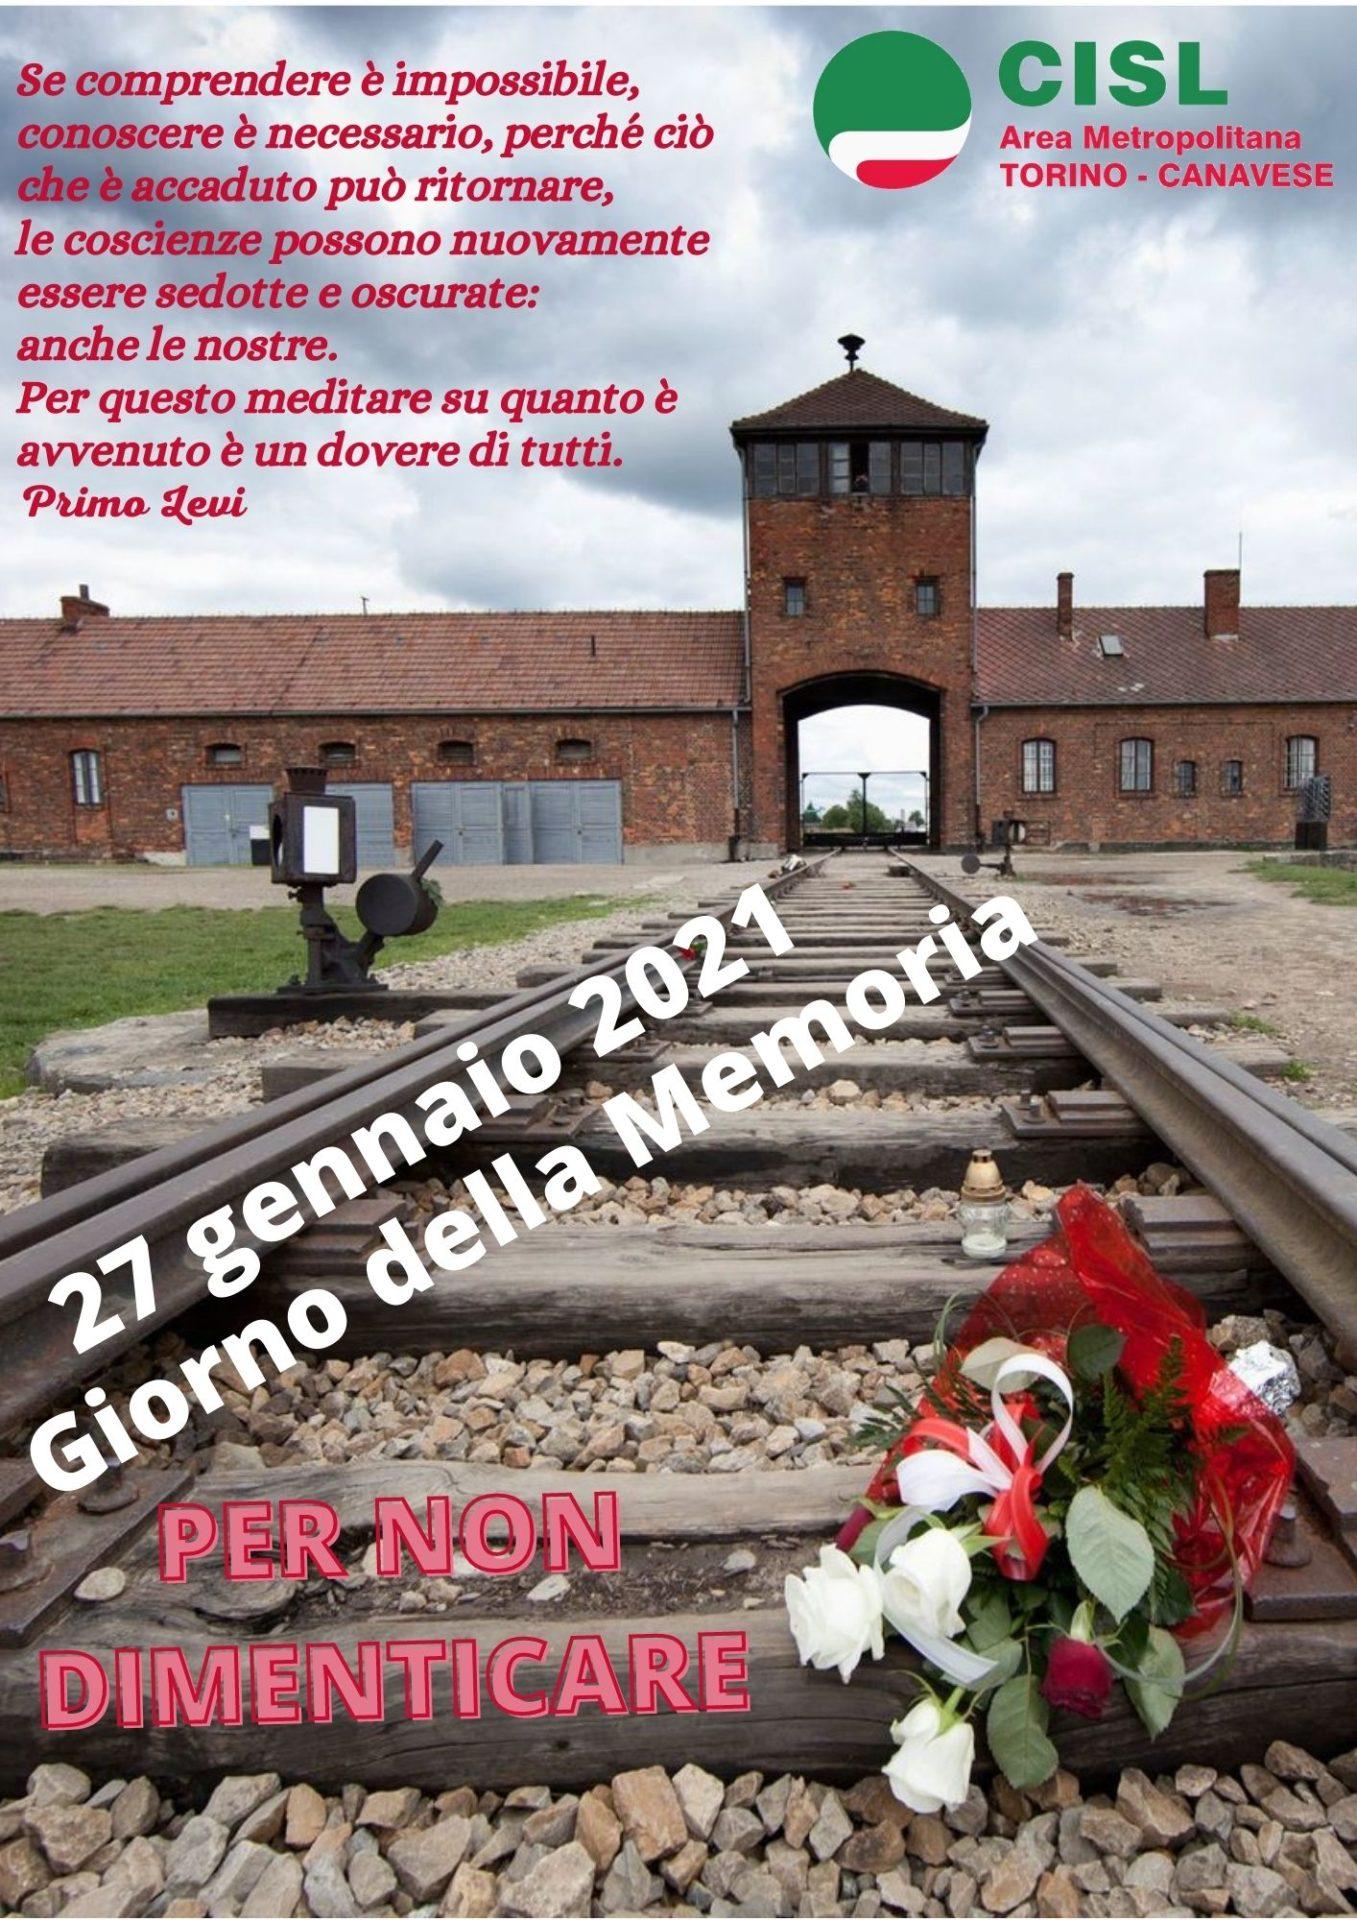 Locandina su Il Giorno della Memoria - 25 gennaio 2021